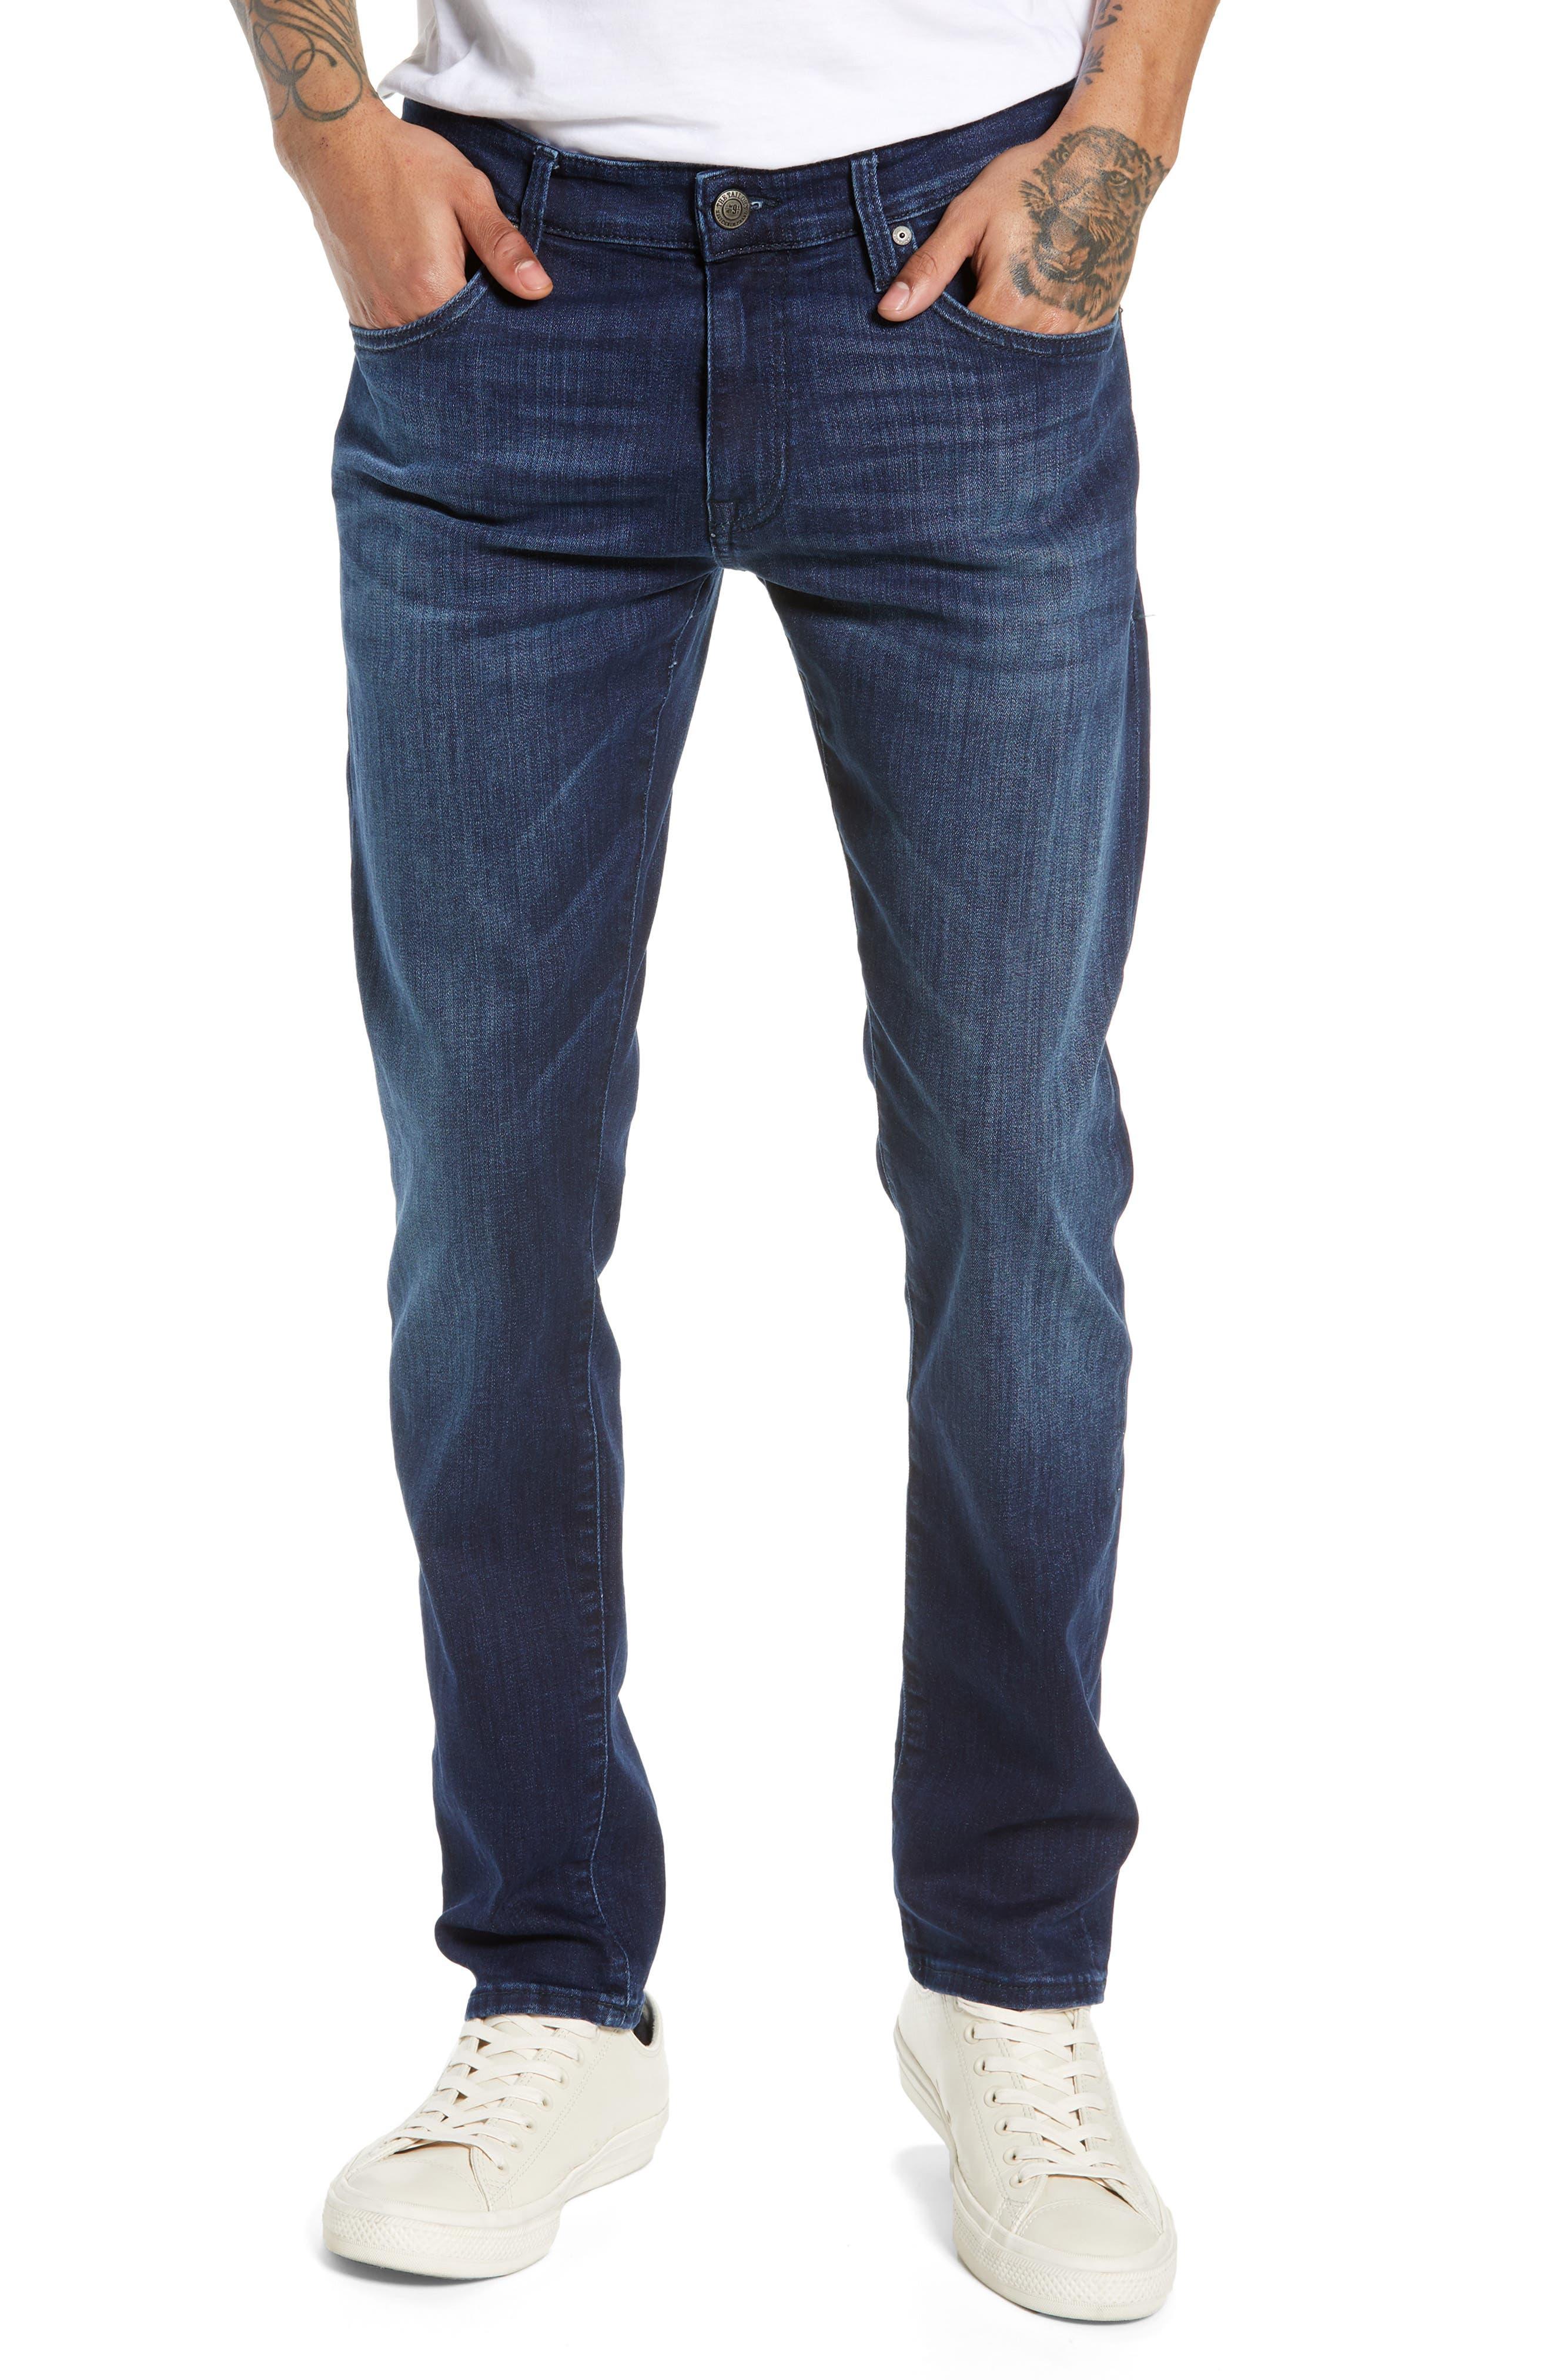 MAVI JEANS Jake Slim Fit Jeans, Main, color, DARK TONAL WILLIAMSBURG